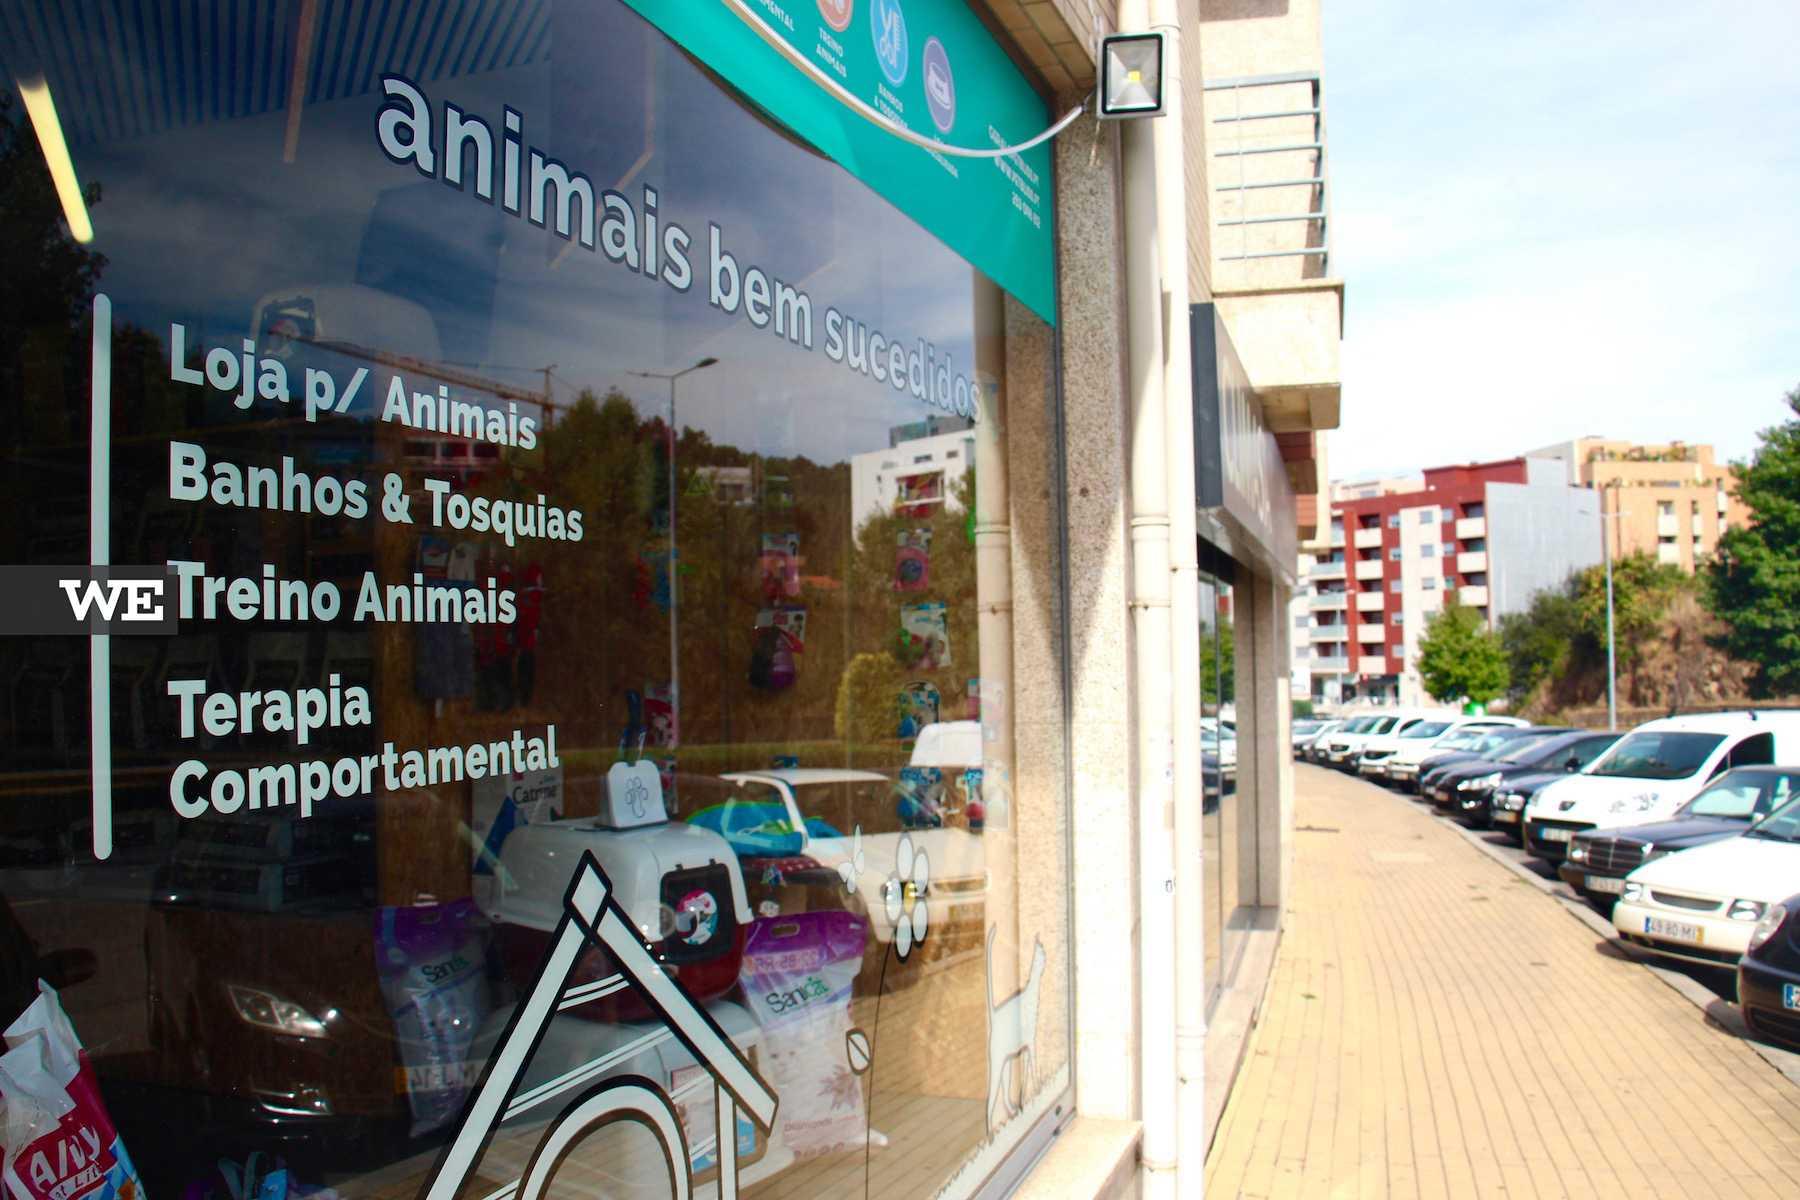 Petbliss, loja para cães e gatos em Braga